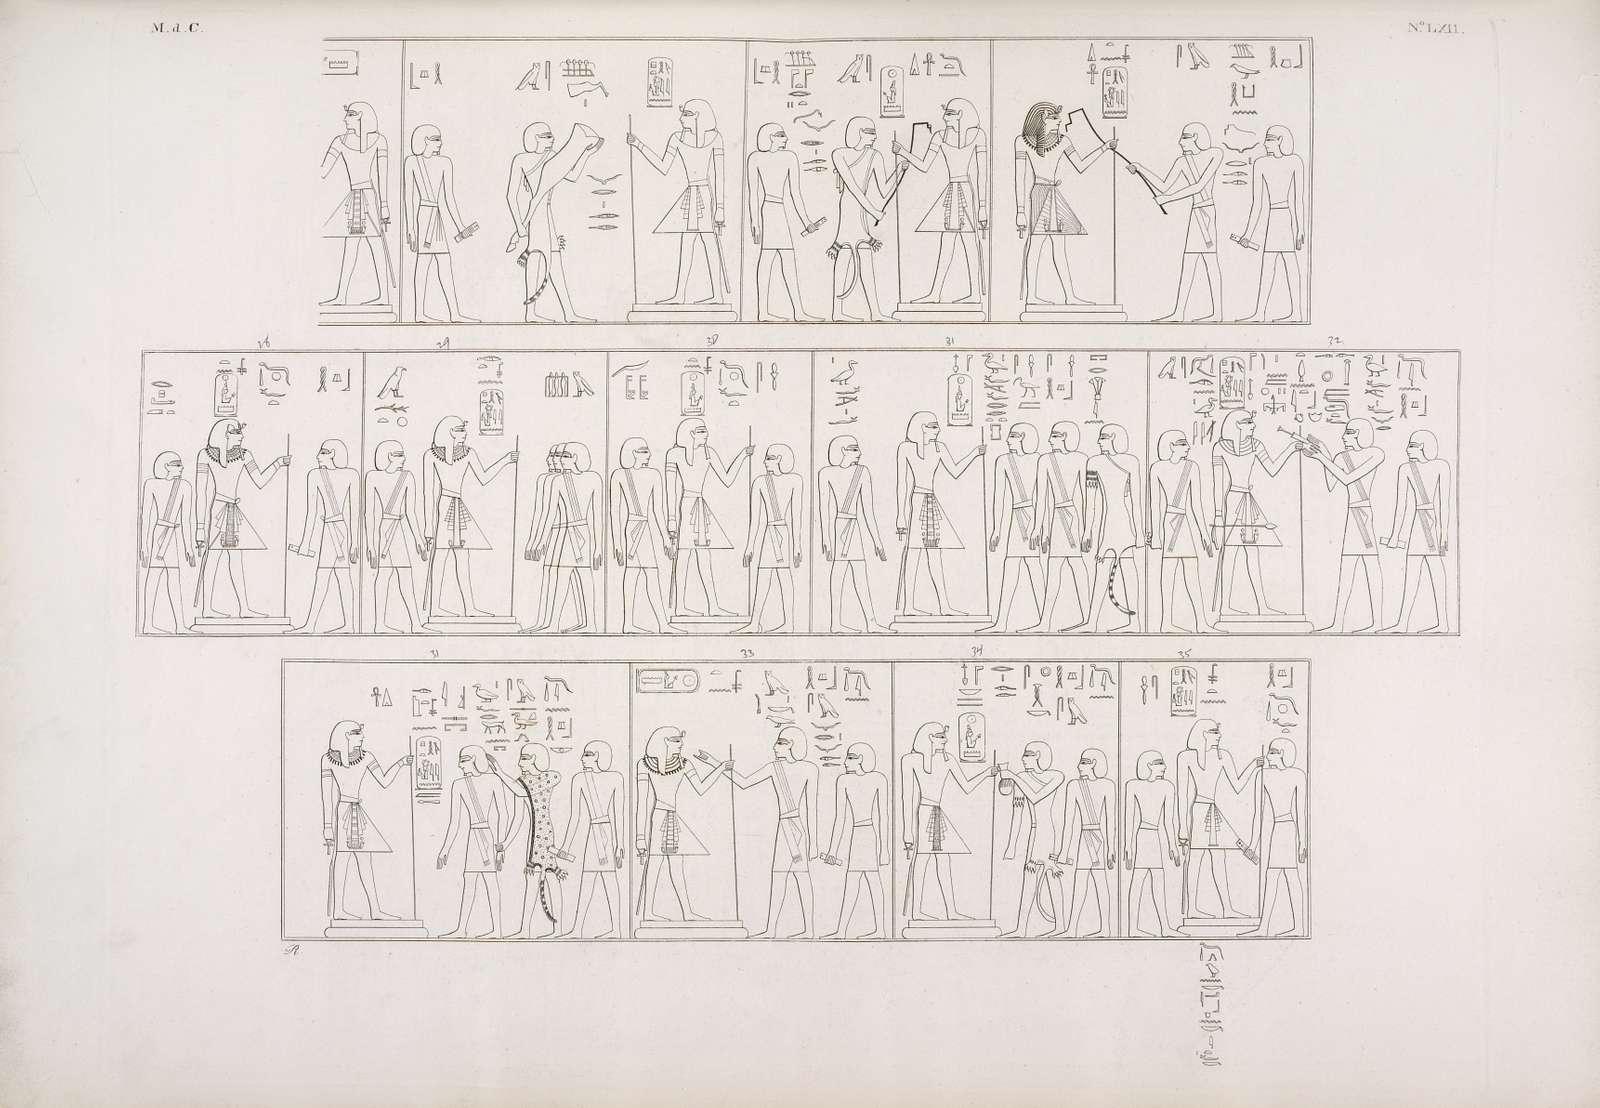 Serie di scene della tomba medesima, che figurativamente rappresentano le cerimonie del rituale praticato nell'approvazione e nella tumulazione del re defunto.